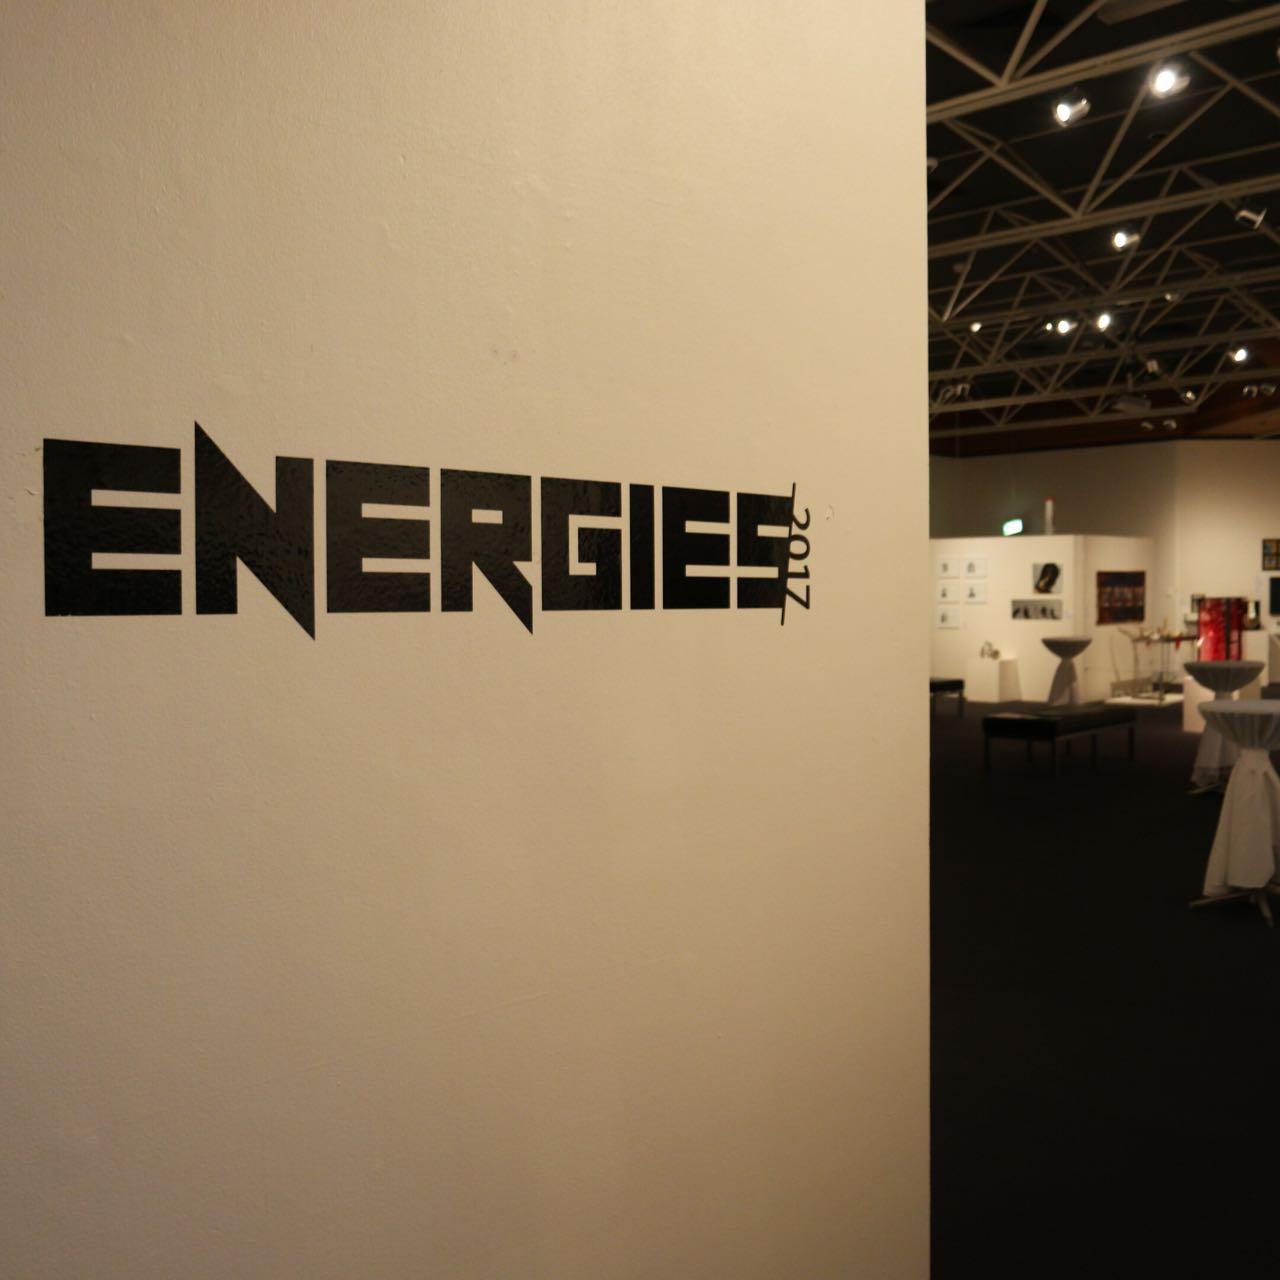 ENERGIES 2017